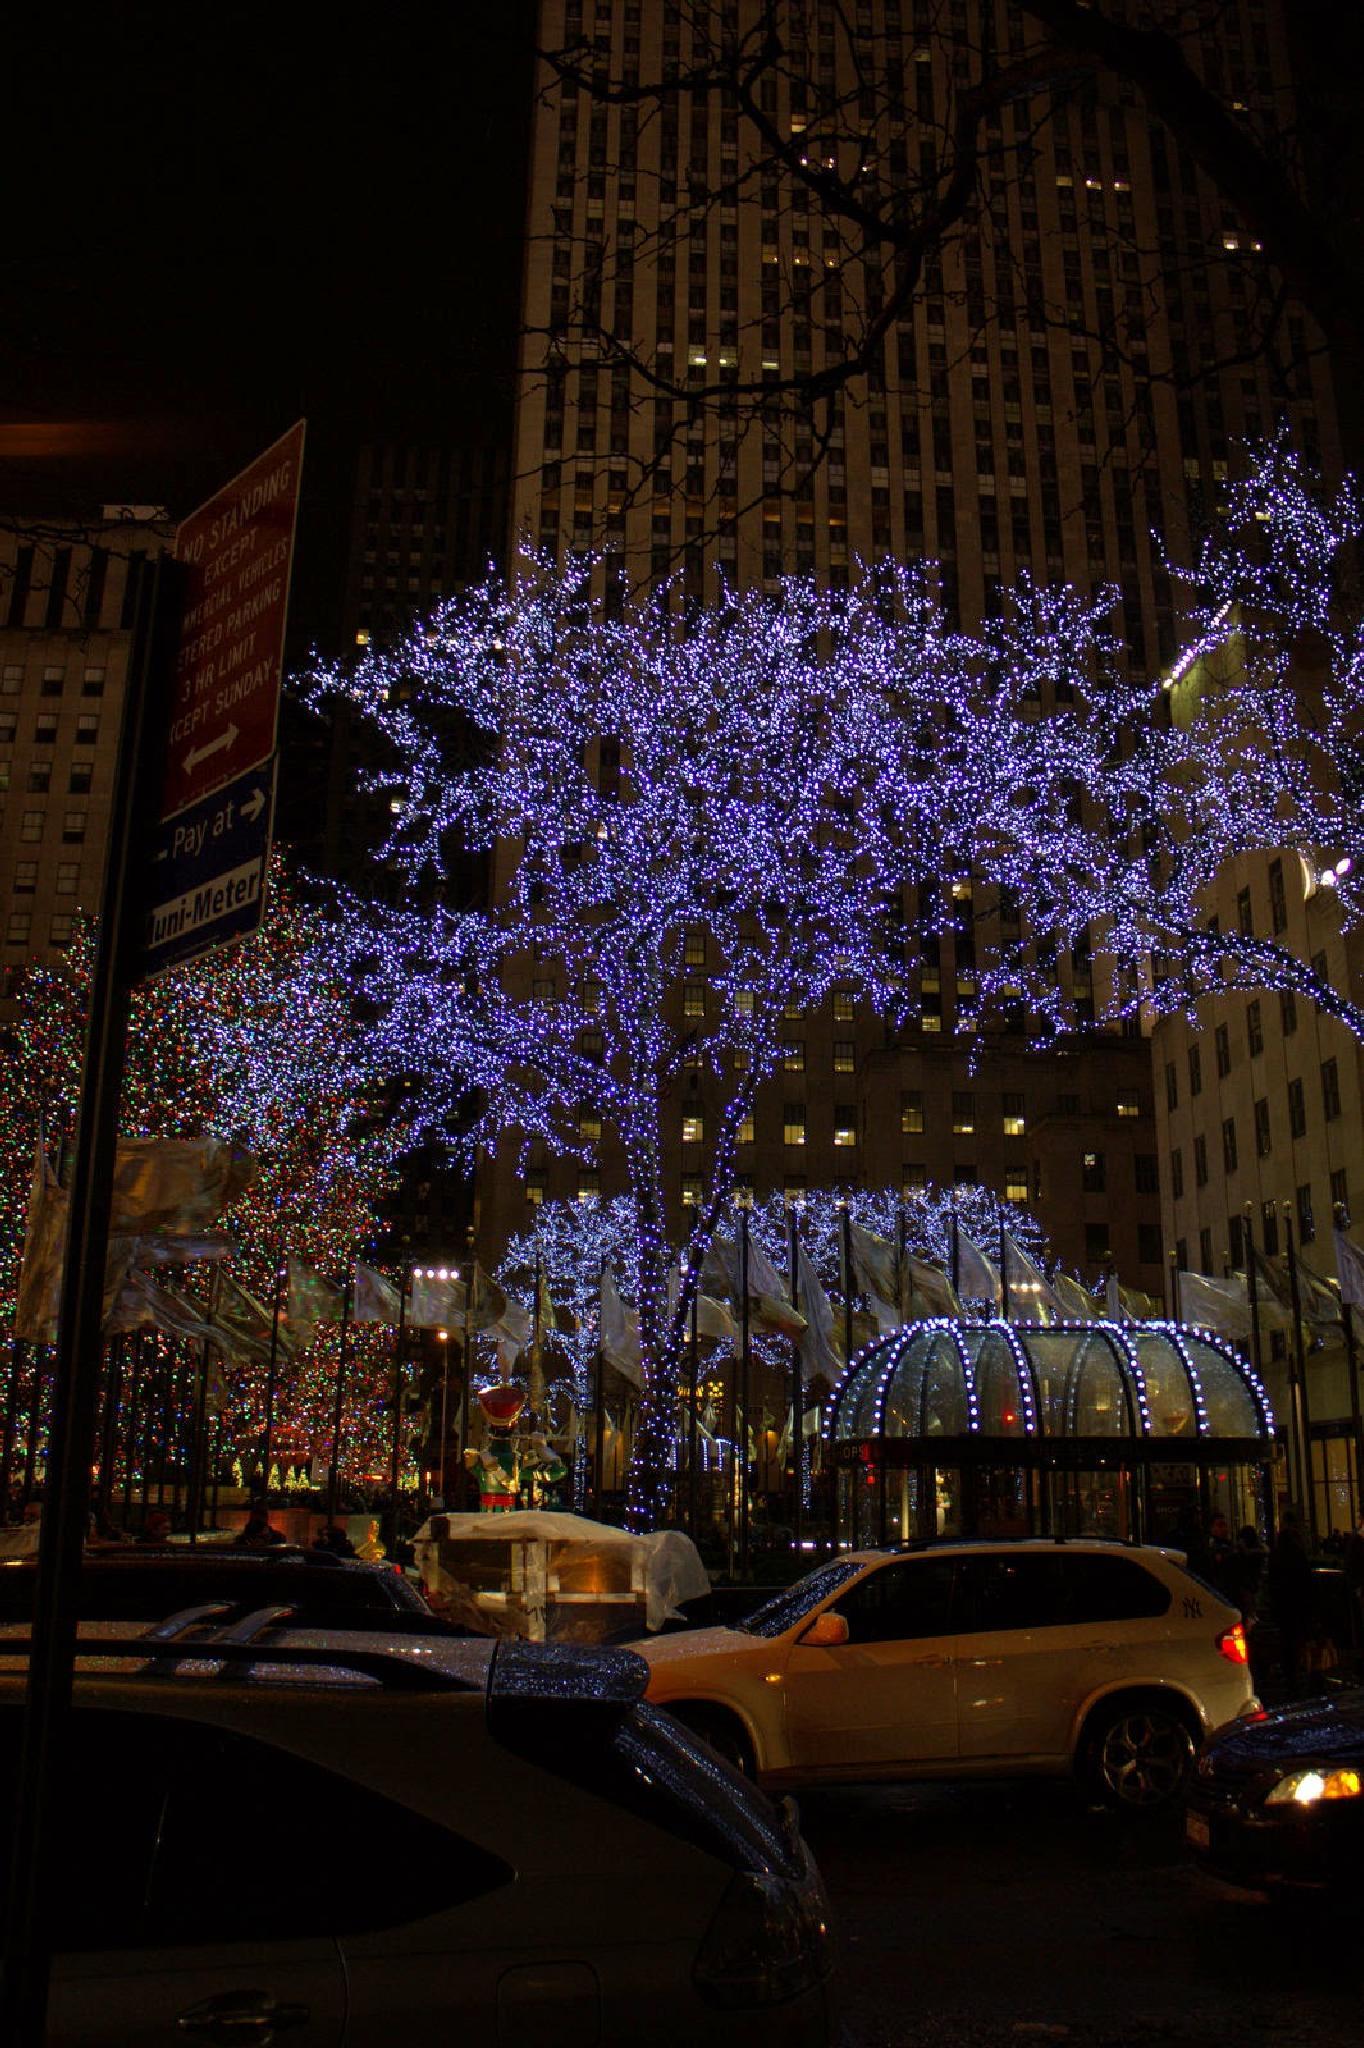 Christmas in New York by waeraas